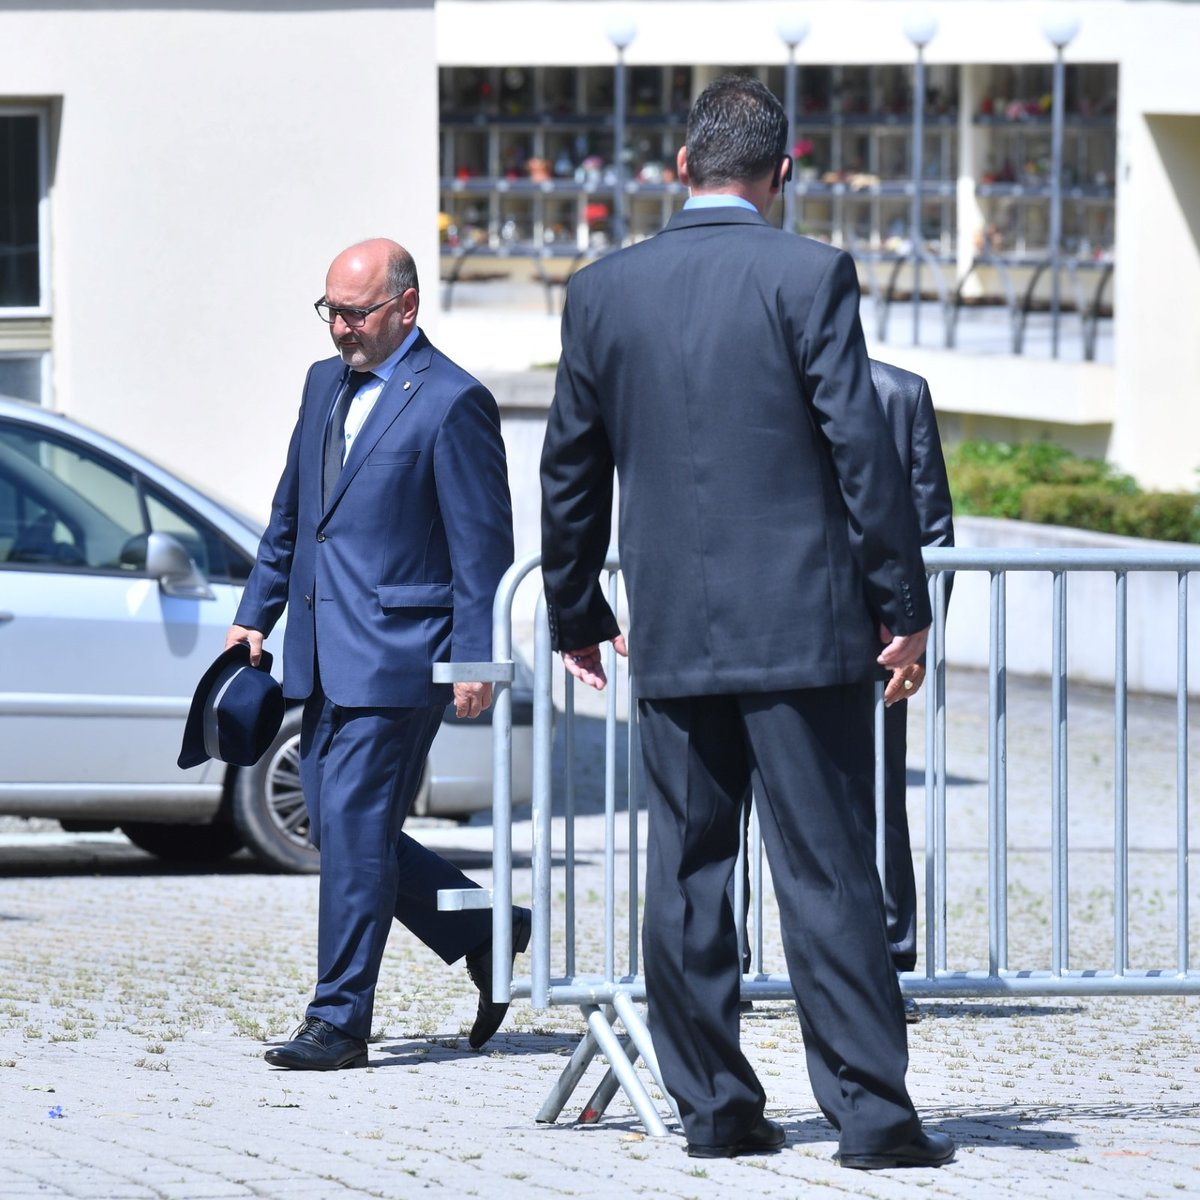 Majitel plzeňské Viktorie Tomáš Paclík s kloboukem v ruce míří na pohřeb Mariána Čišovského